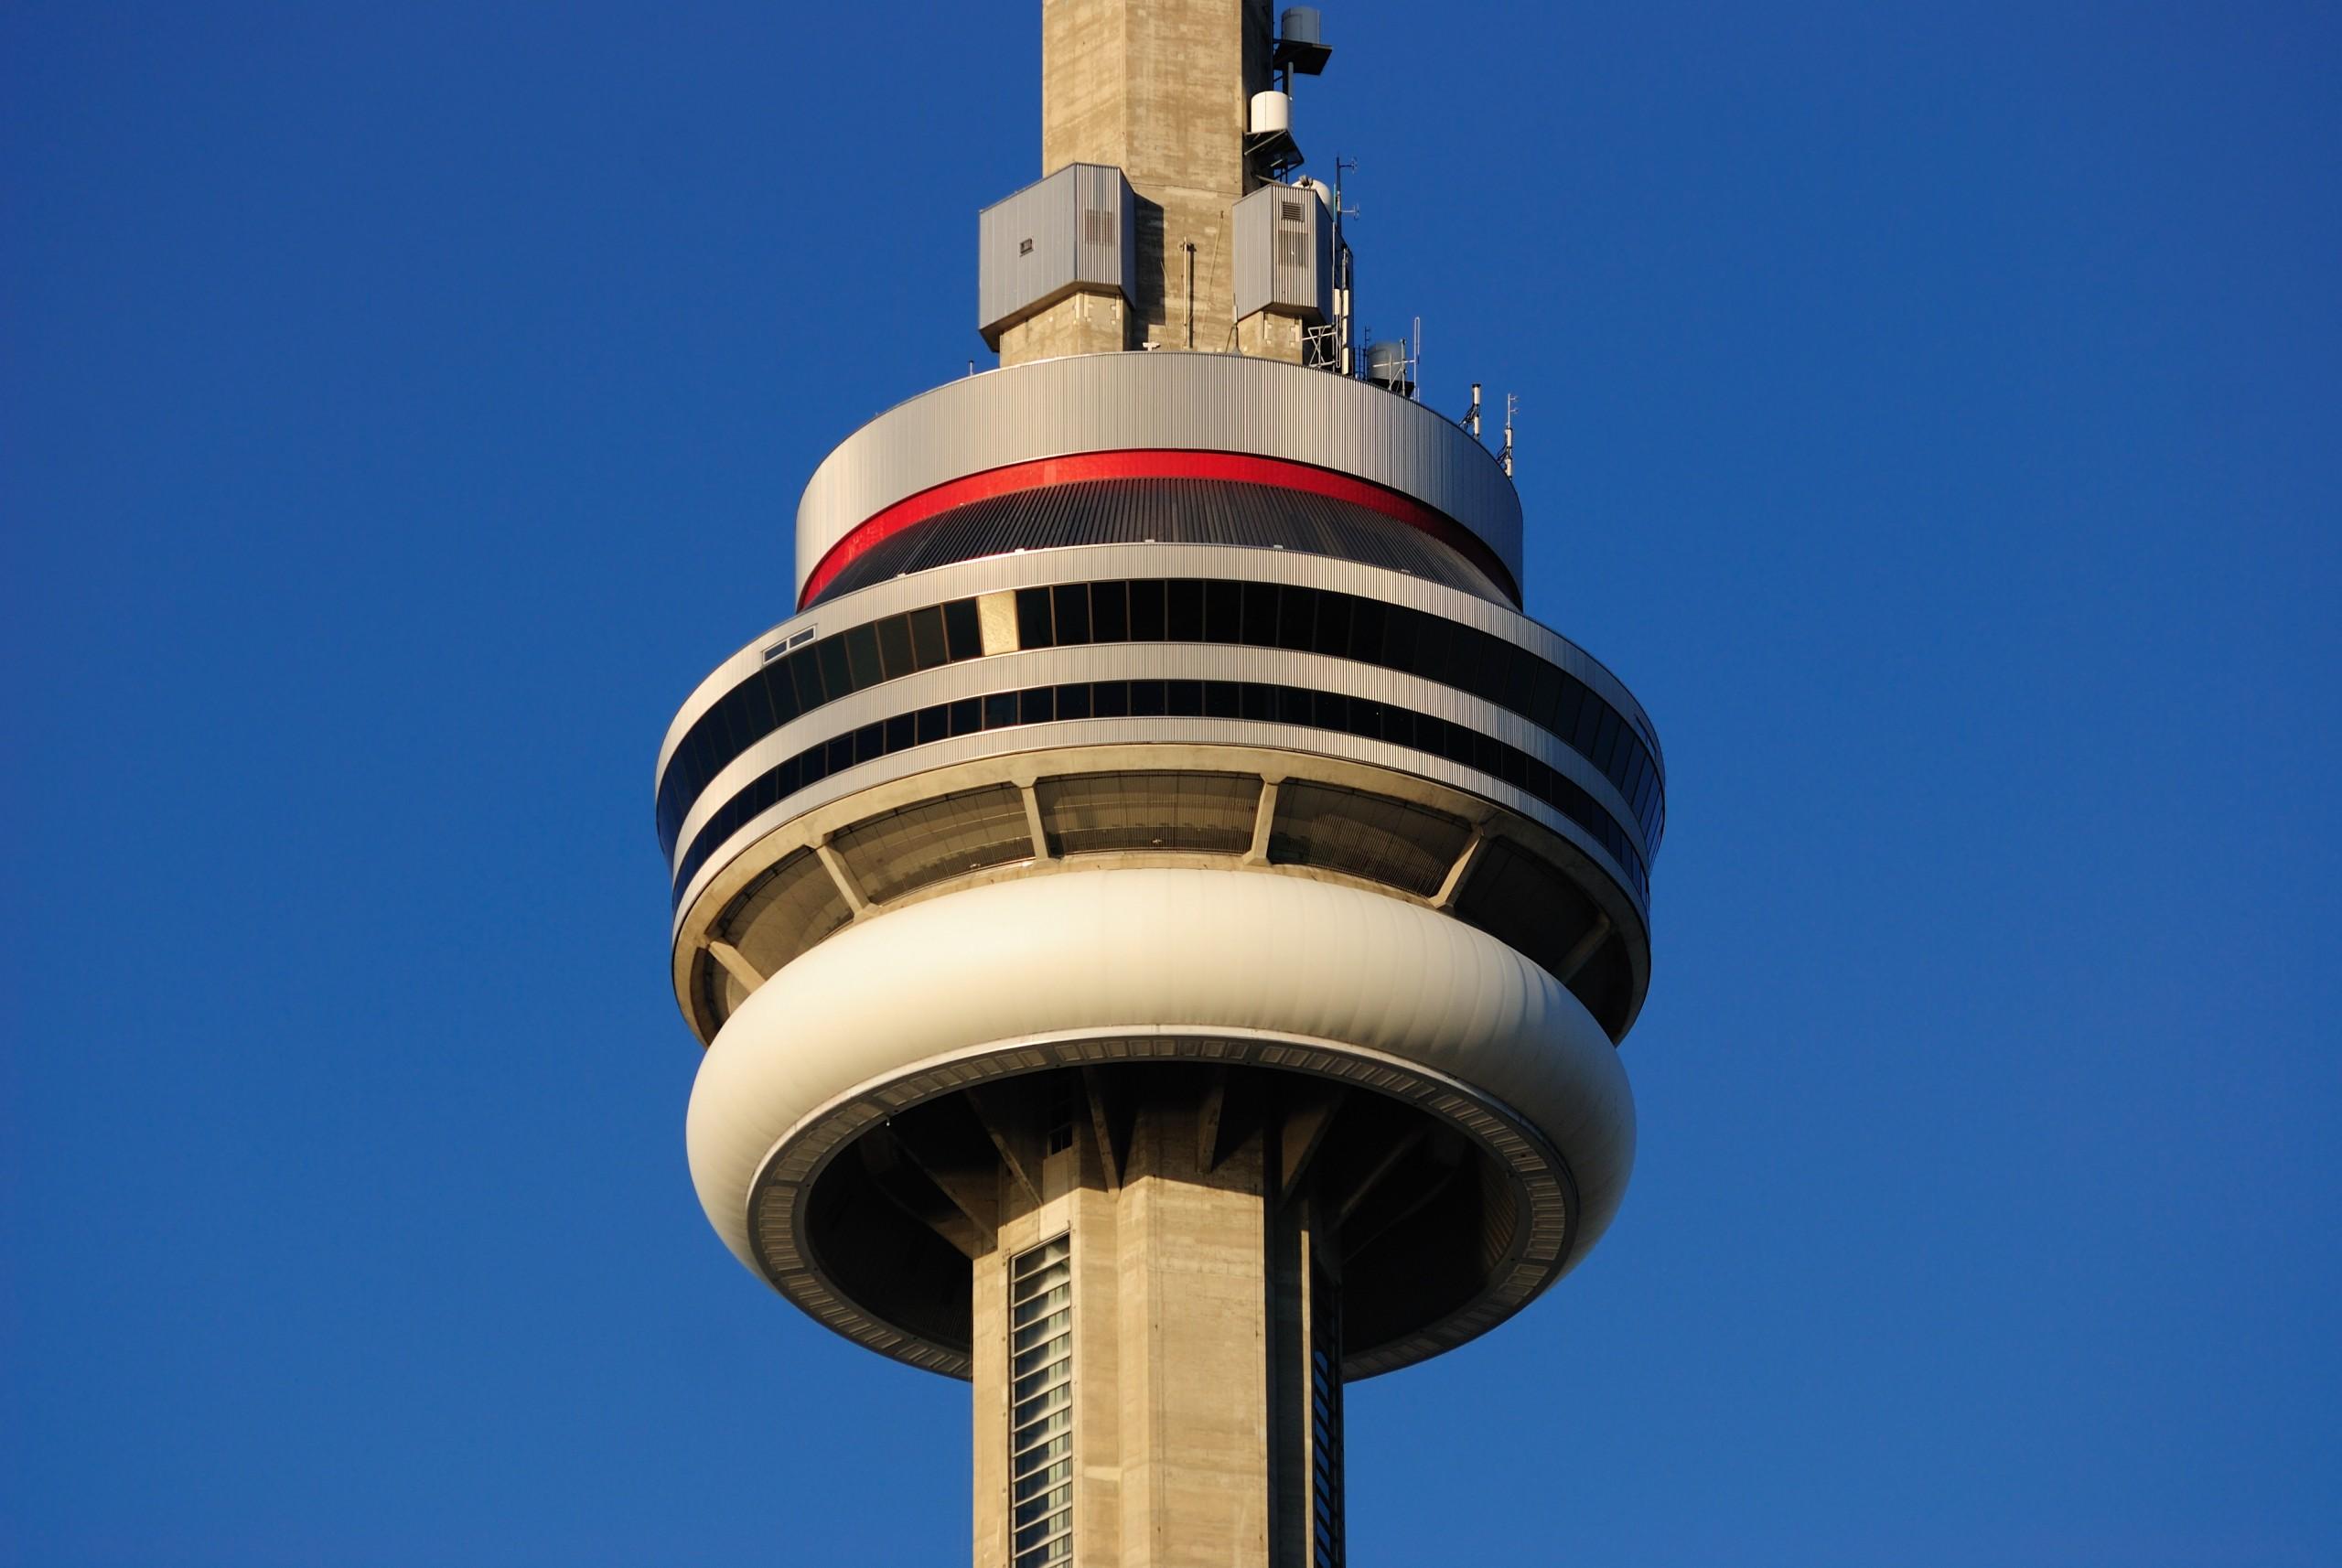 ¿Podría desaparecer la CN Tower de Toronto?